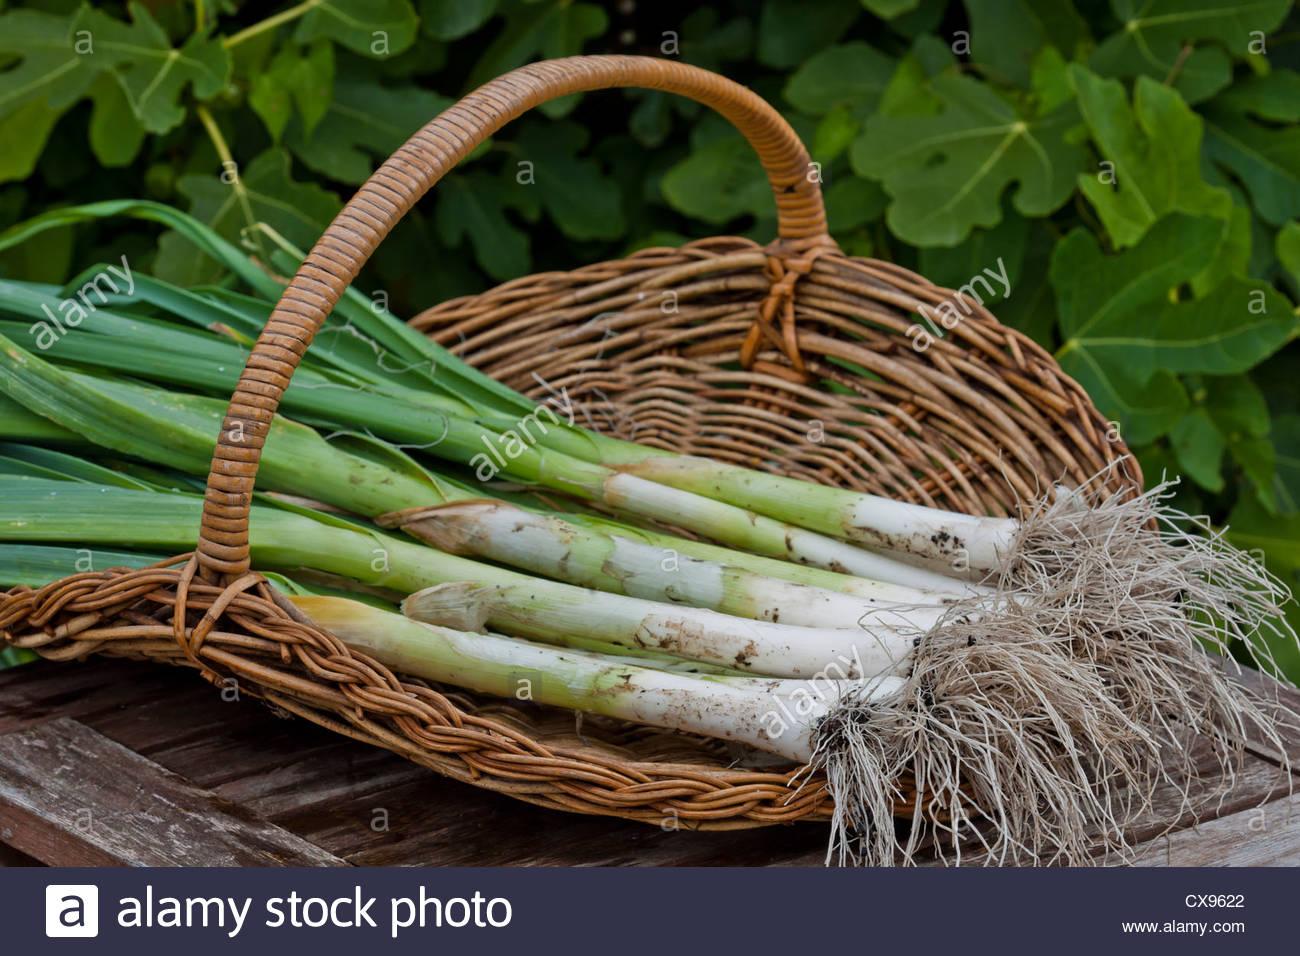 Lauch-König Richard Allium Porum Sommer Gemüse grün Bio nach Hause angebaut Stammcontainer September Stockbild